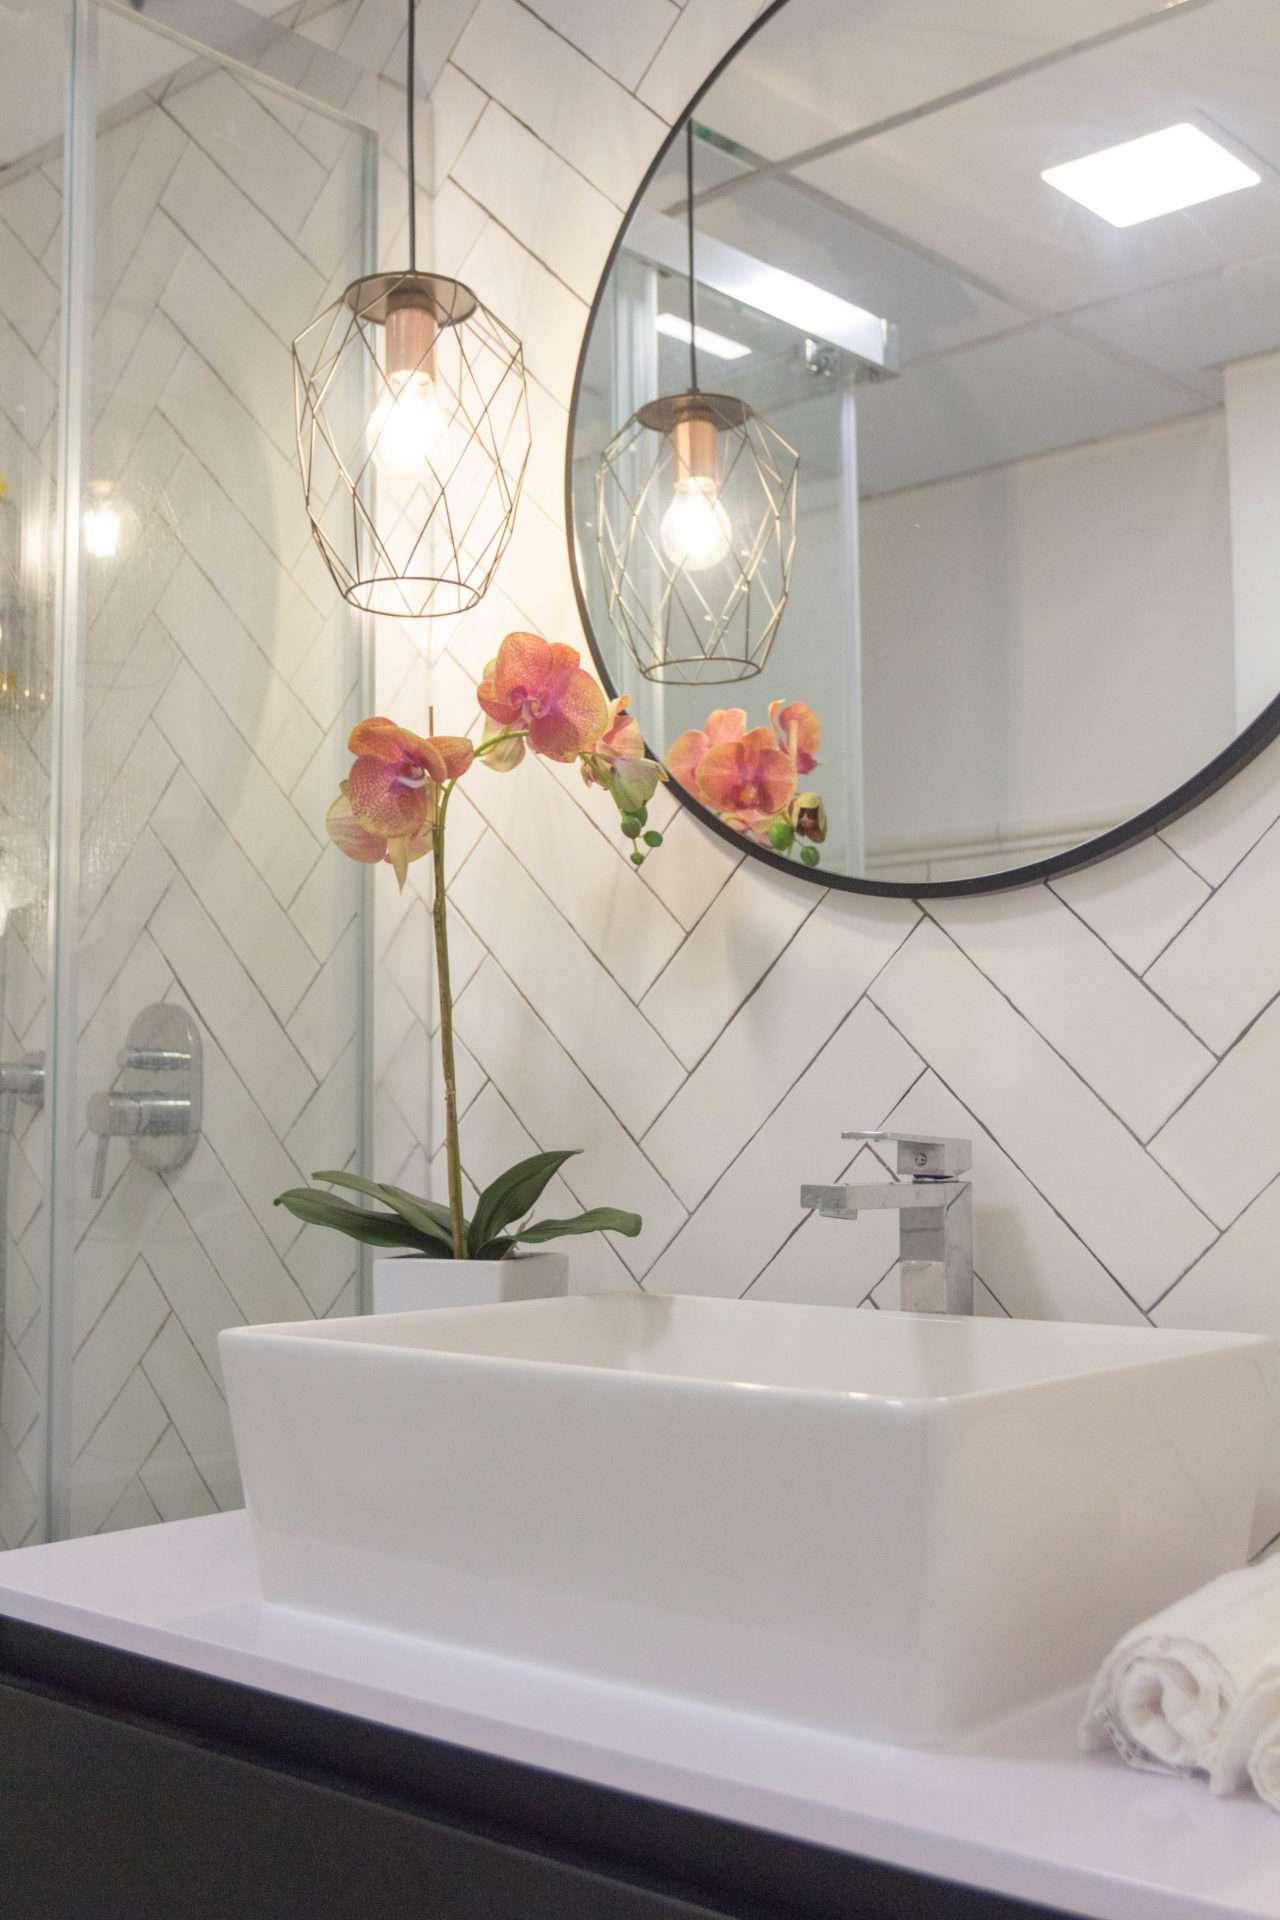 lavabo y espejo de baño